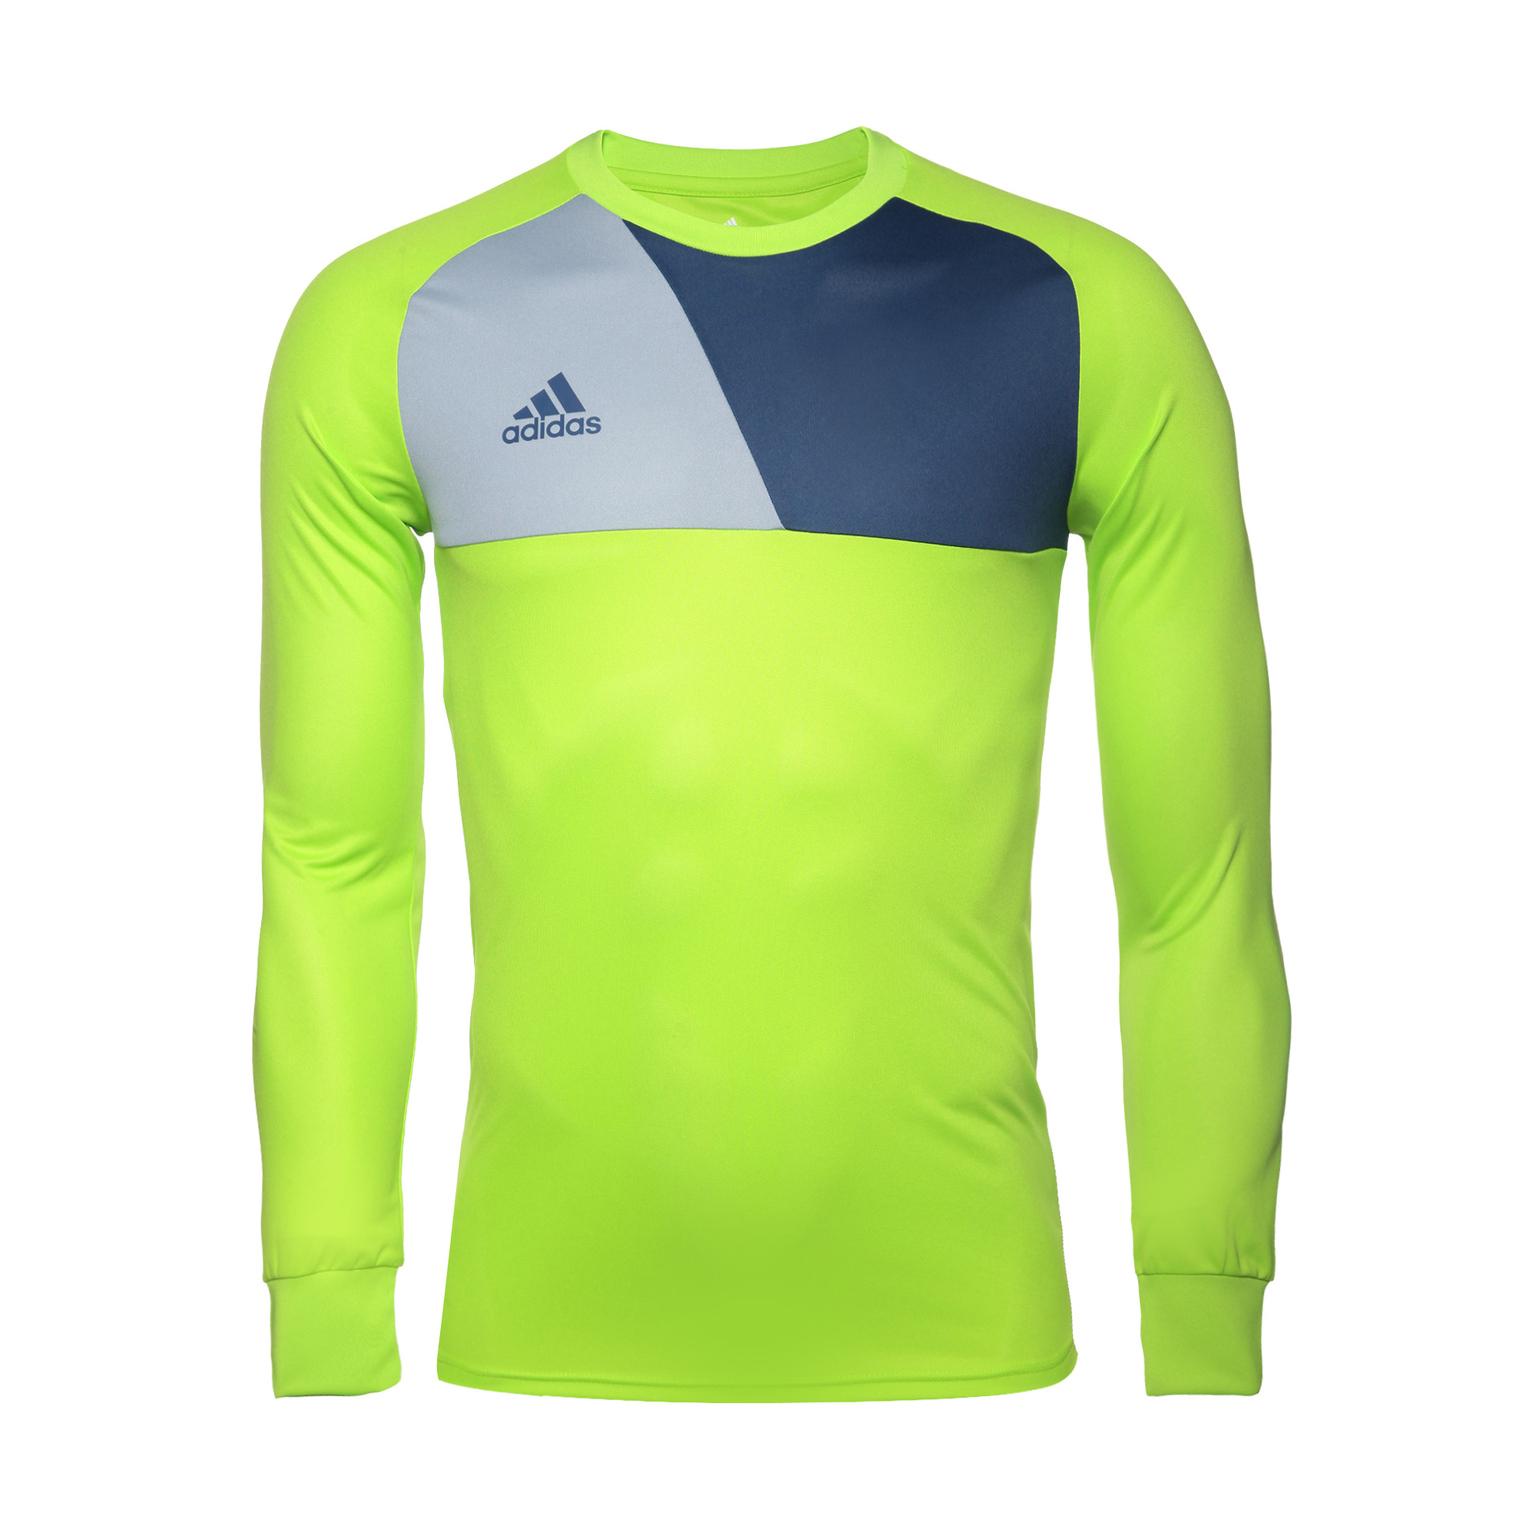 Свитер вратарский Adidas Assita 17 GK CV7750 свитера adidas свитер вратарский adidas adipro 18 gk l cv6349